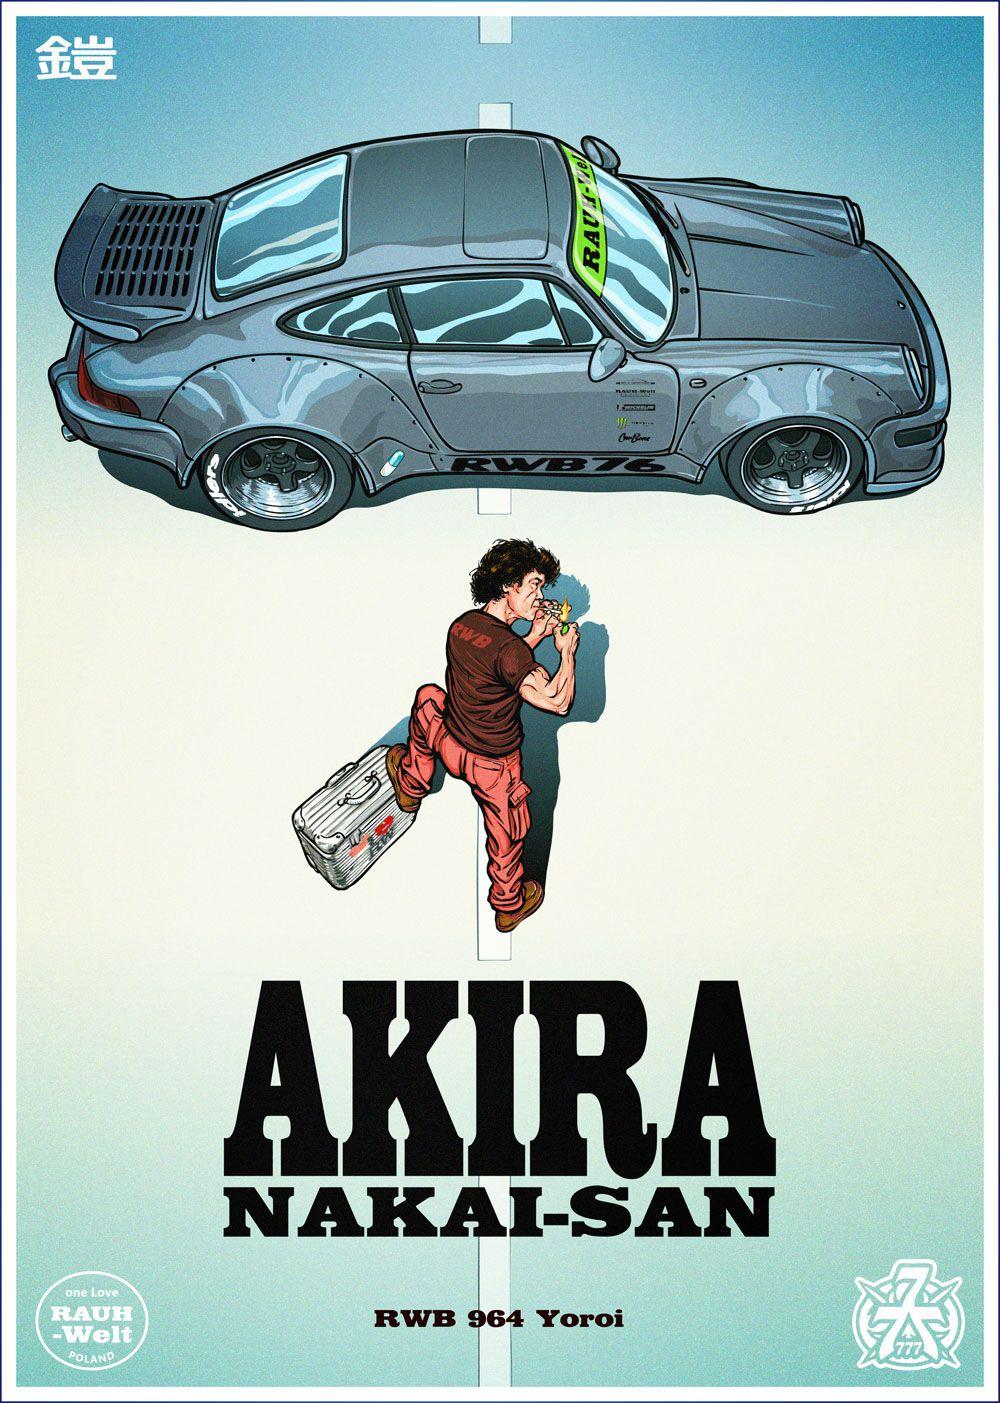 Akira poster - with Nakai-San & RWB 964 Yoroi on Behance